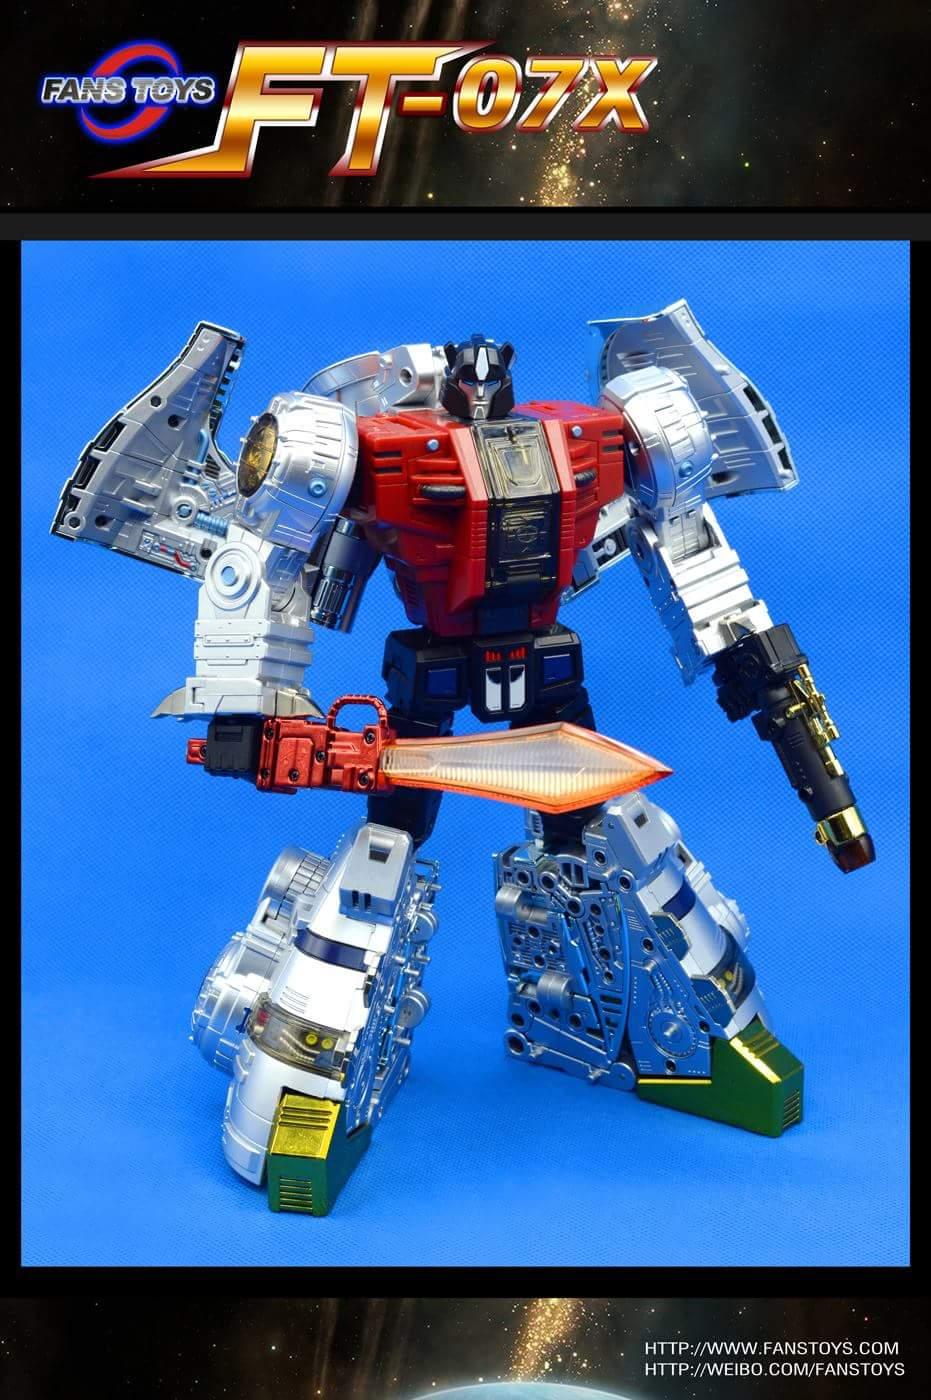 [Fanstoys] Produit Tiers - Dinobots - FT-04 Scoria, FT-05 Soar, FT-06 Sever, FT-07 Stomp, FT-08 Grinder - Page 9 JgB2IrDj